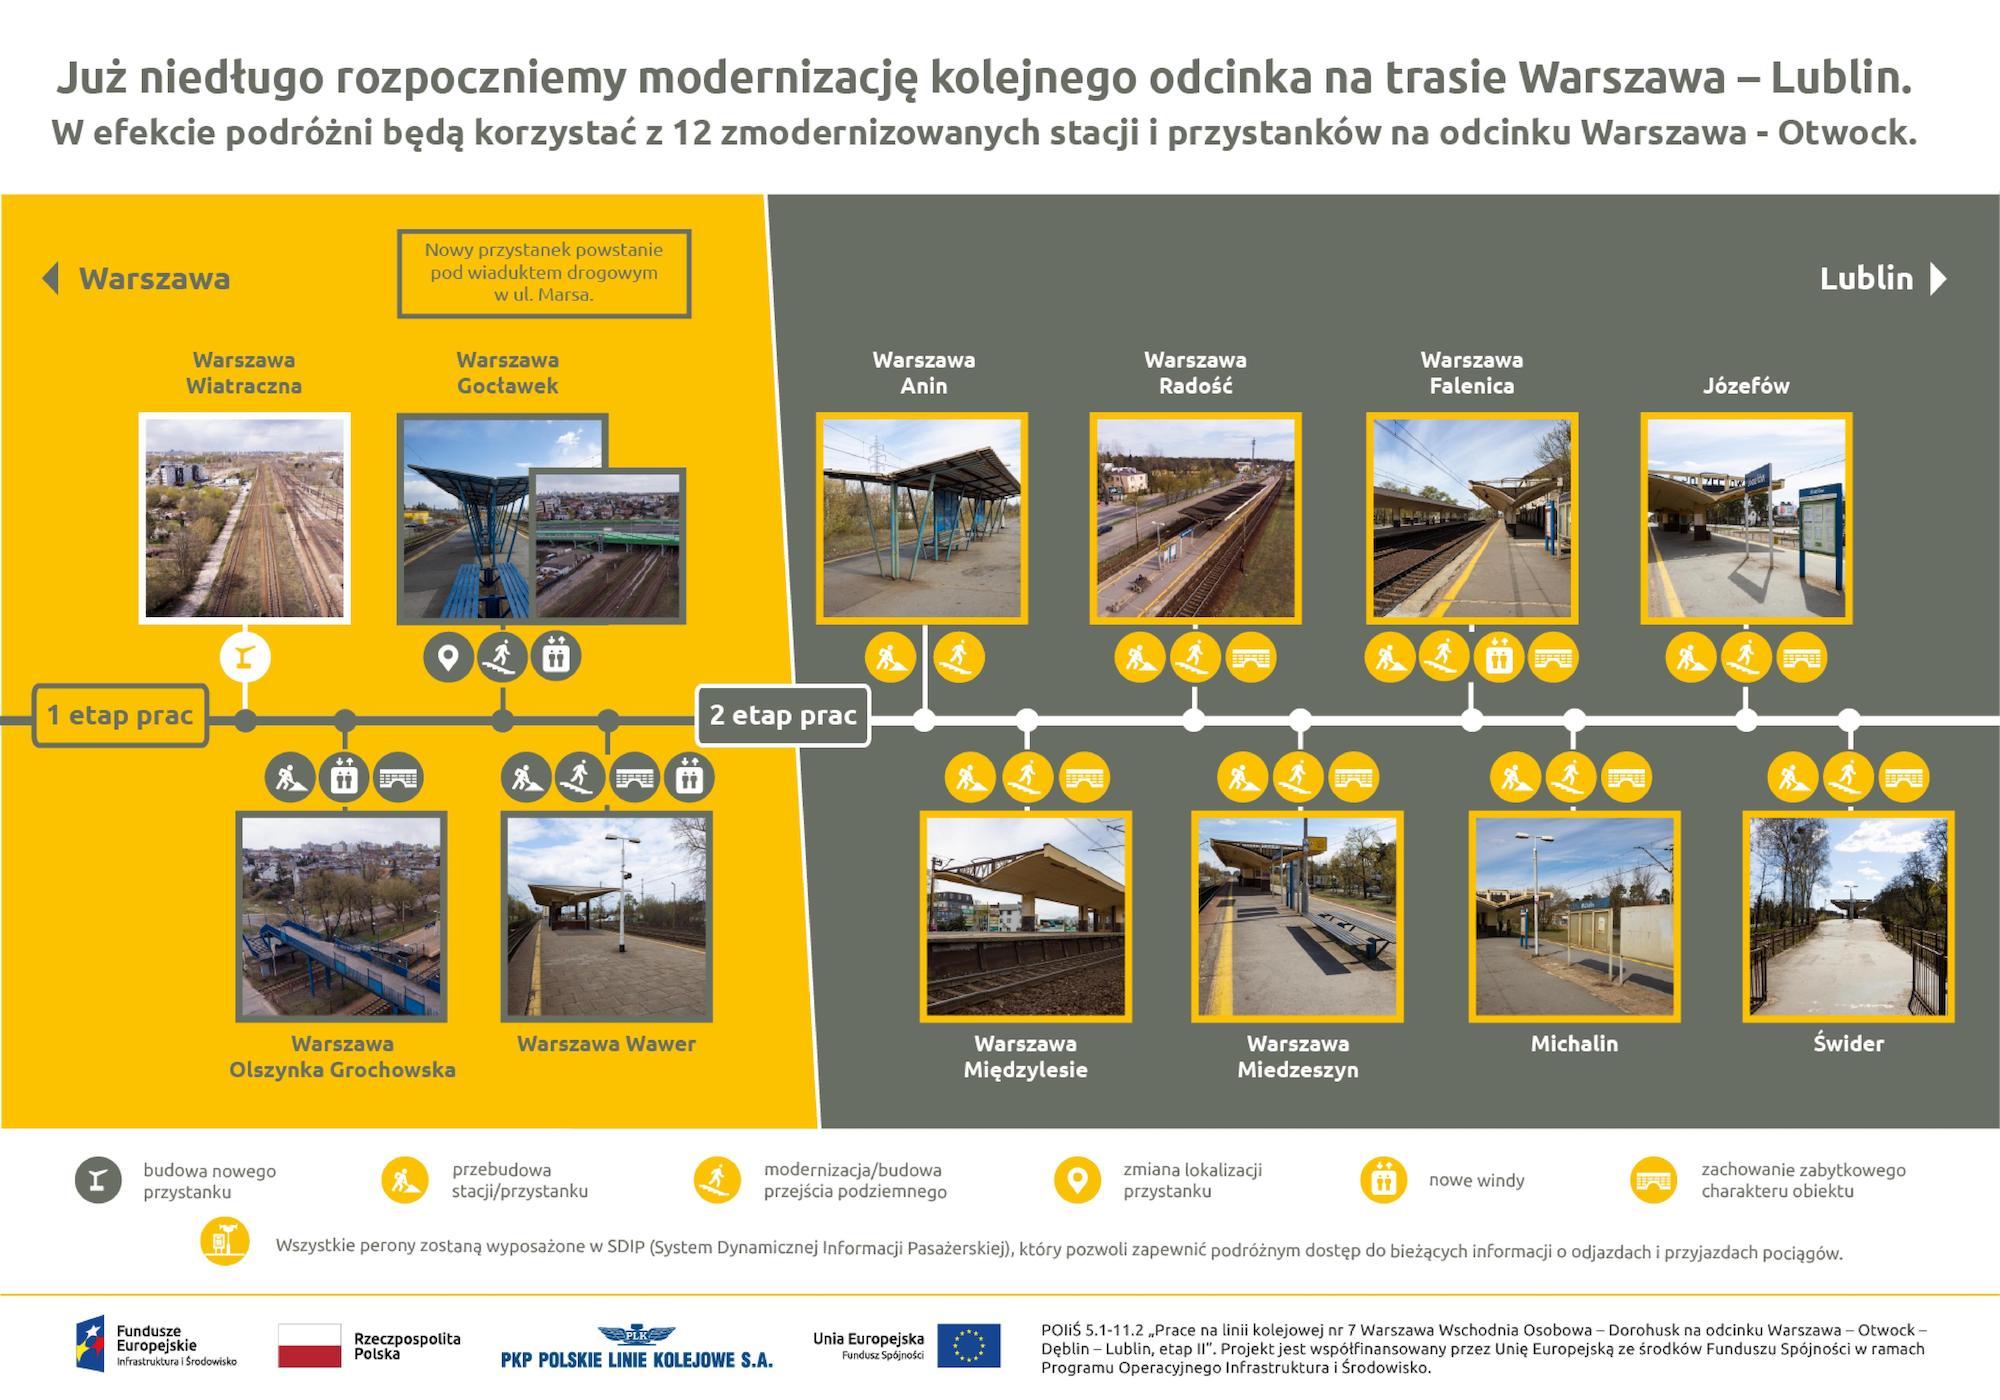 Infografika dotyczy planów na rozpoczęcie prac nad modernizacją odcinka Warszawa-Otwock